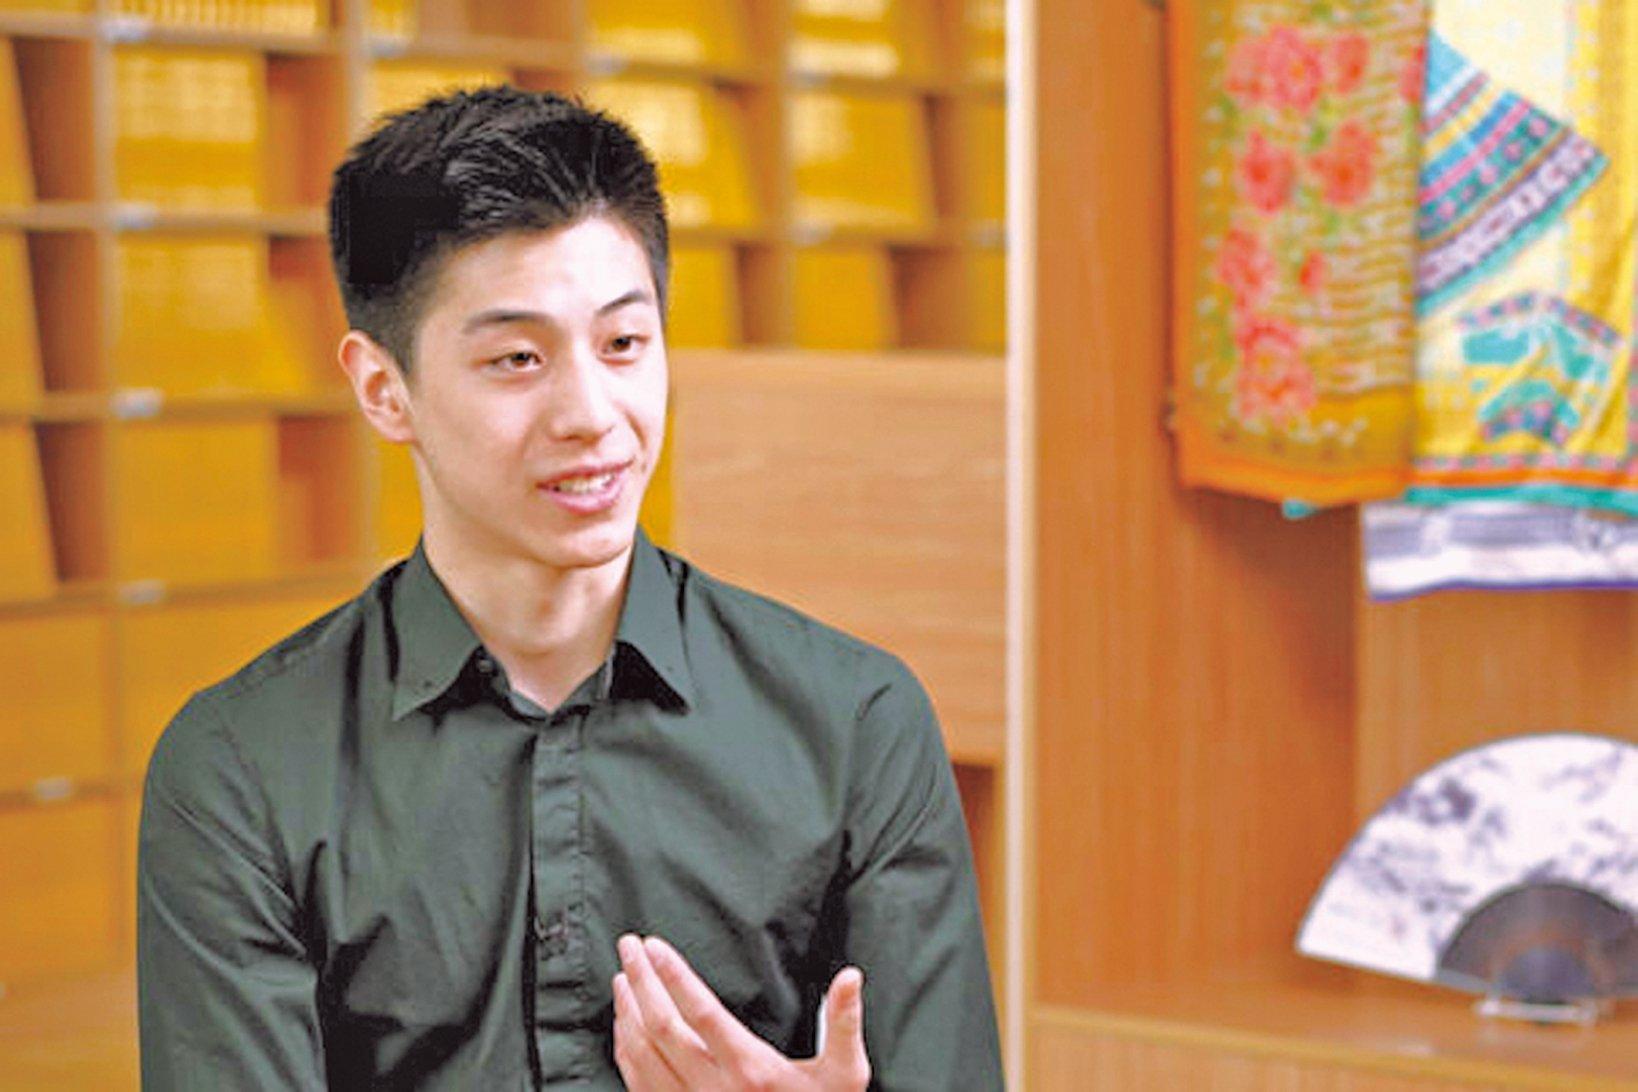 神韻藝術團舞蹈演員孫博燚近期接受了新唐人、大紀元聯合專訪。